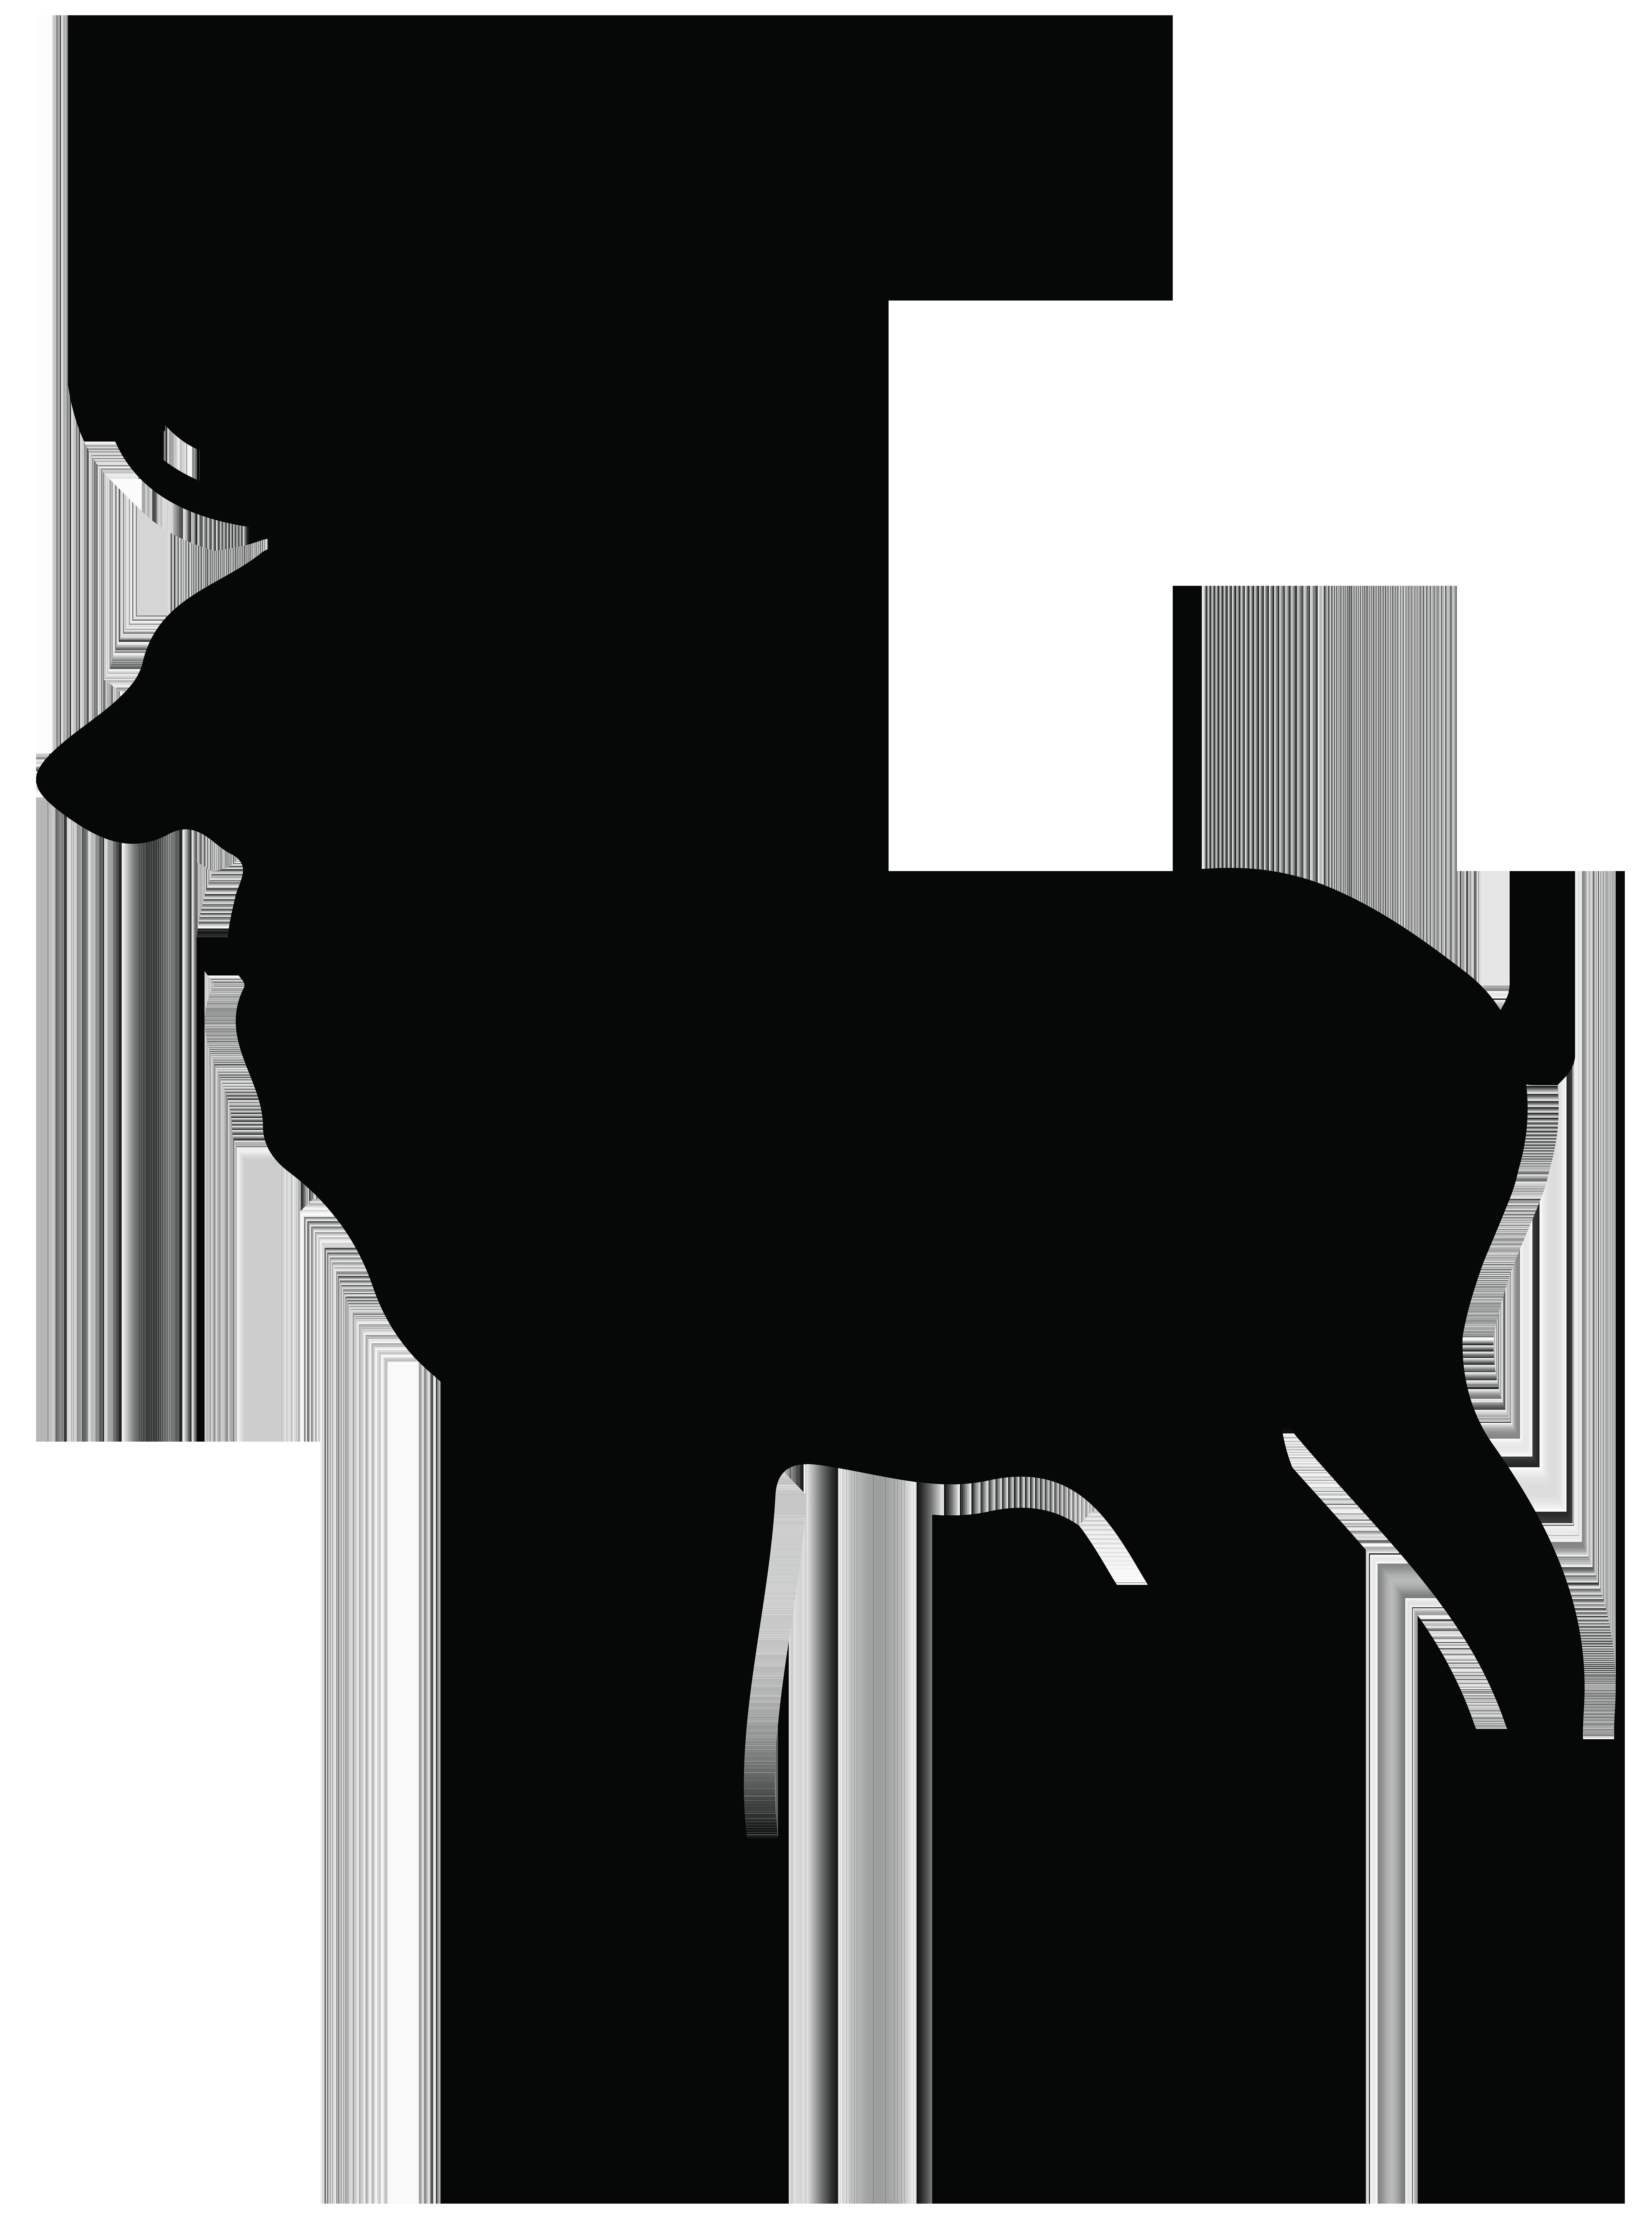 moose clipart stencil